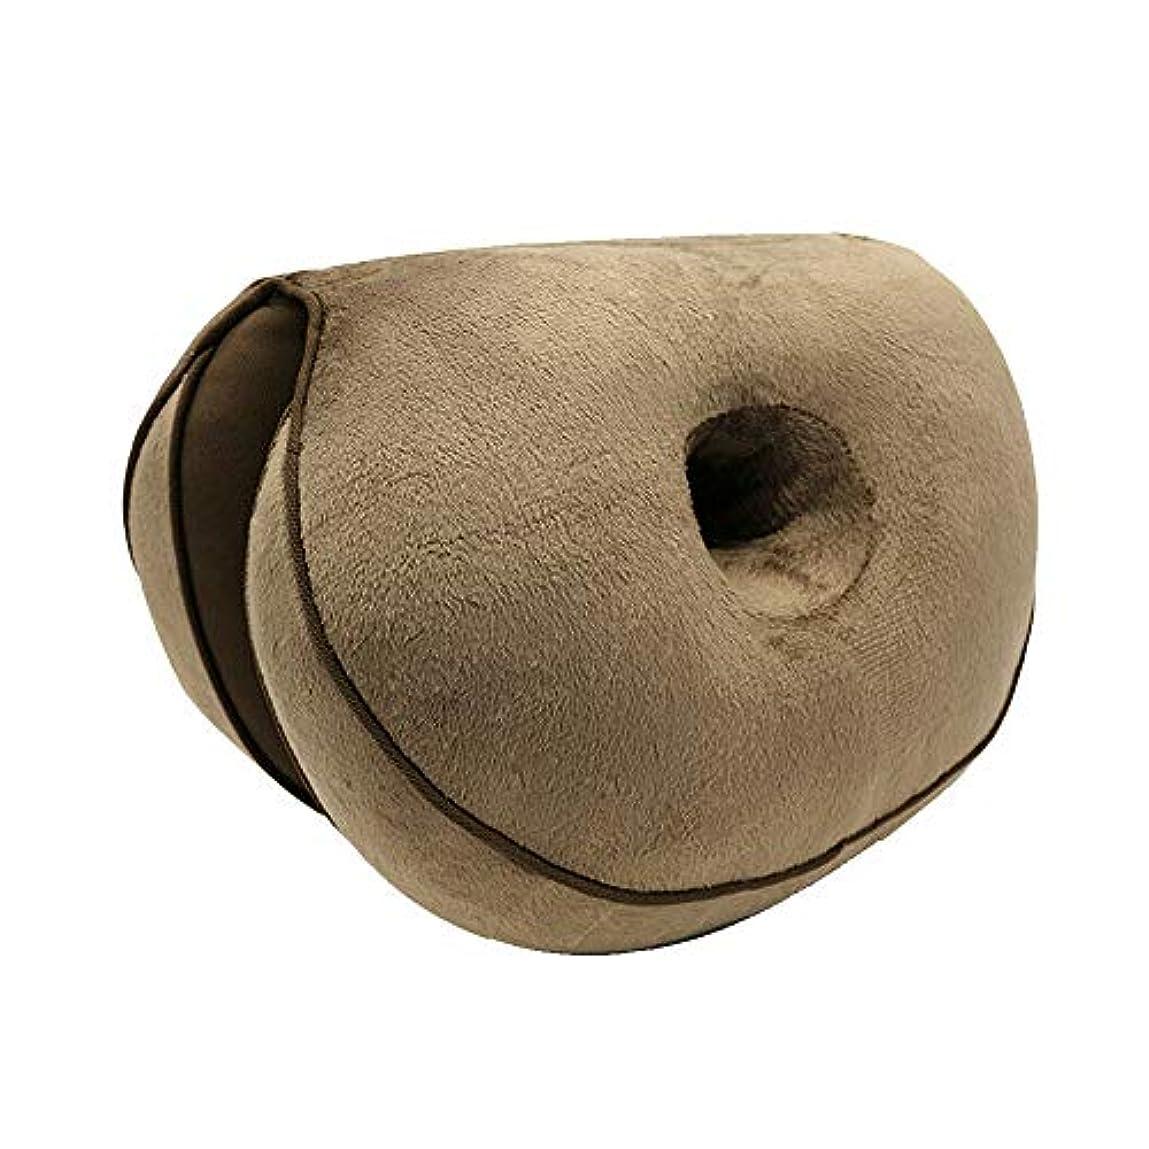 メッシュバレル焦がすLIFE 新デュアルシートクッション低反発ラテックスオフィスチェアバックシートクッション快適な臀部マットパッド枕旅行枕女性女の子 クッション 椅子